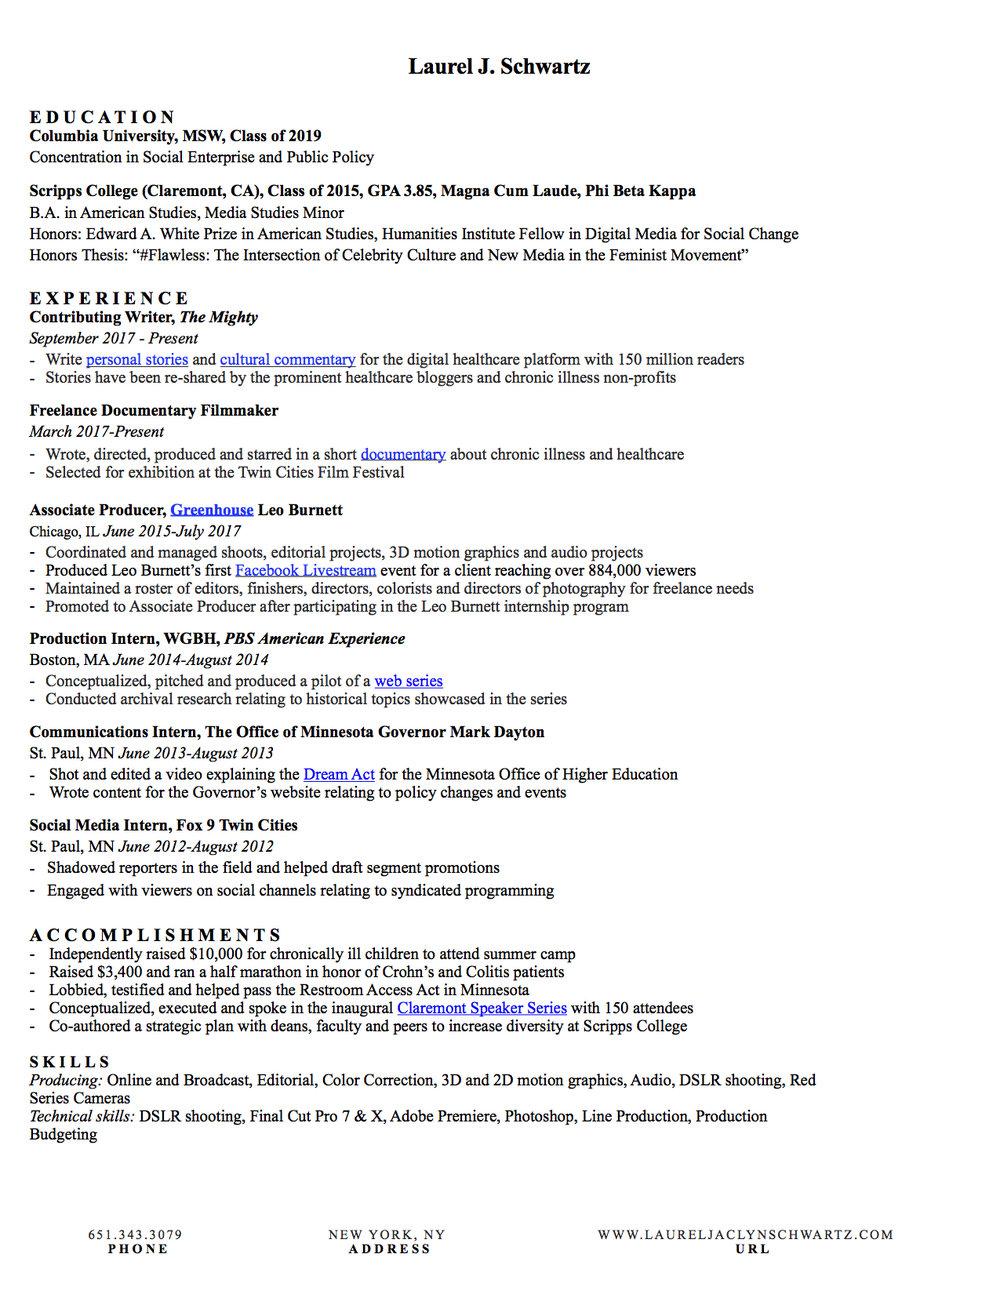 News and Resume — LAUREL SCHWARTZ